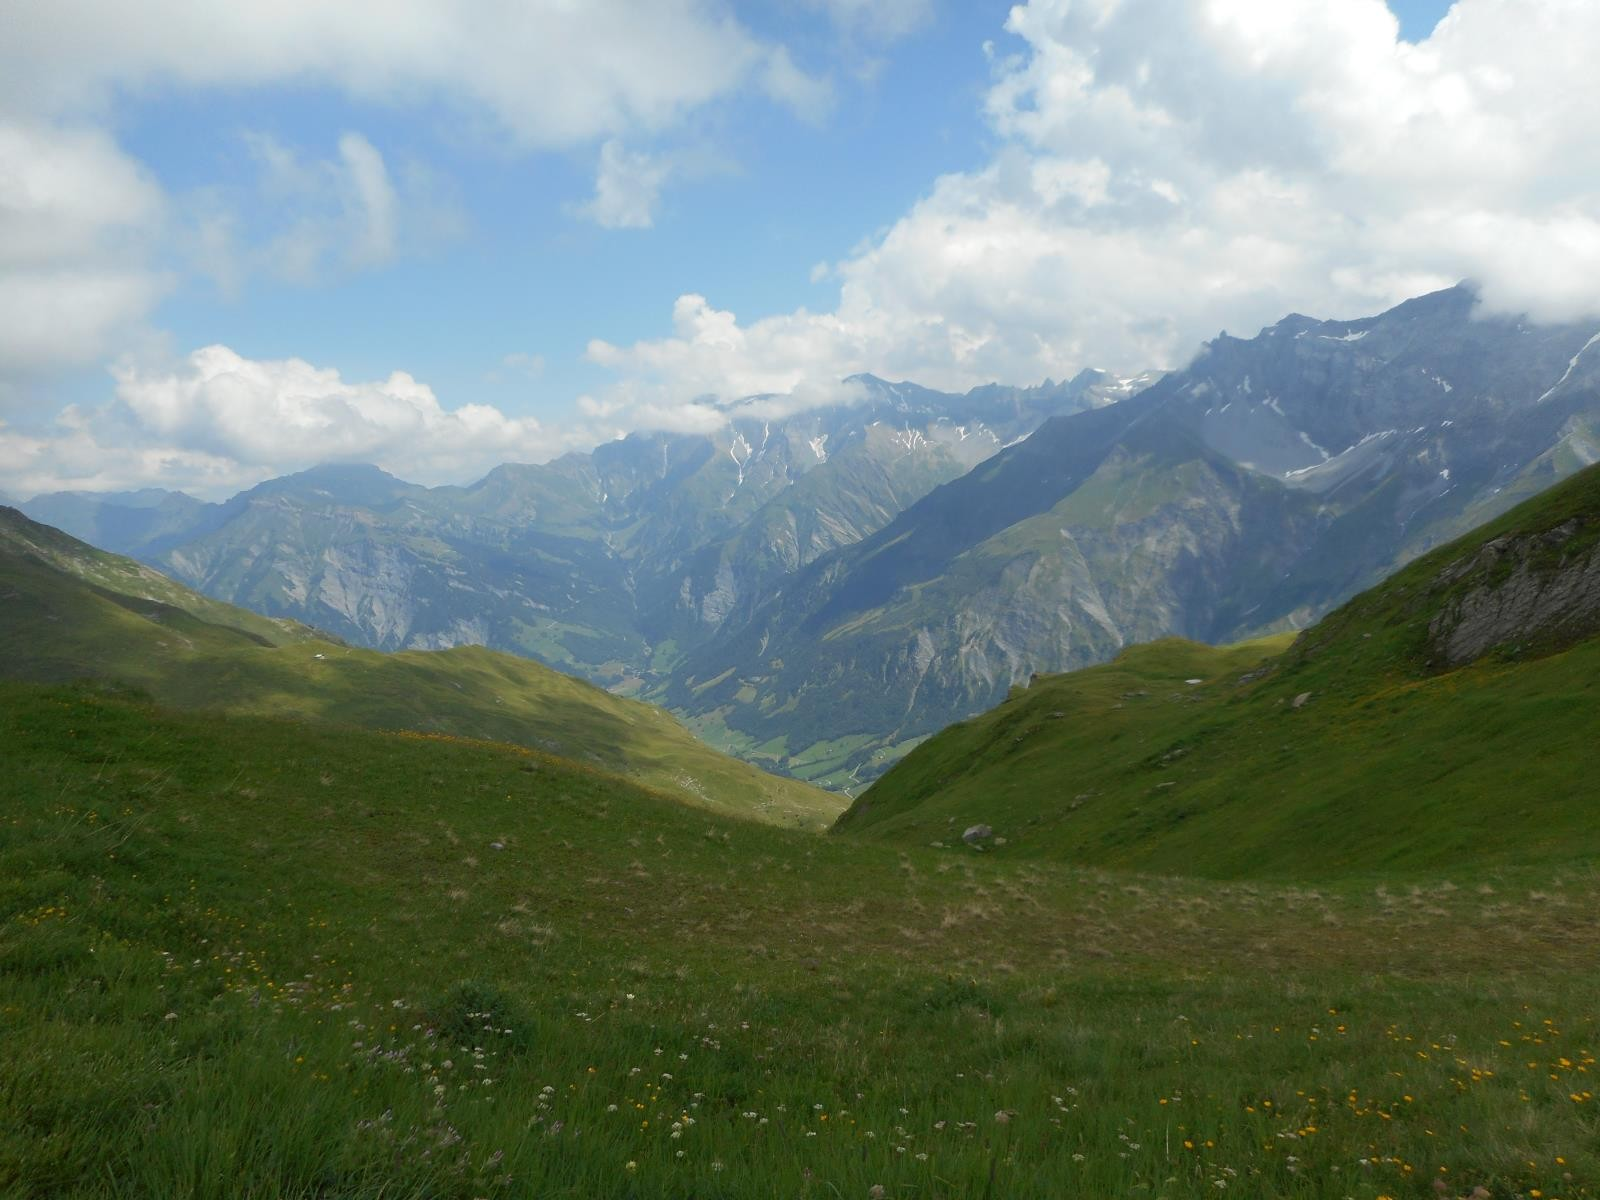 Et remonter sur le Richelitpass (2261m) par un raidillon à scier les meilleurs cuissauds